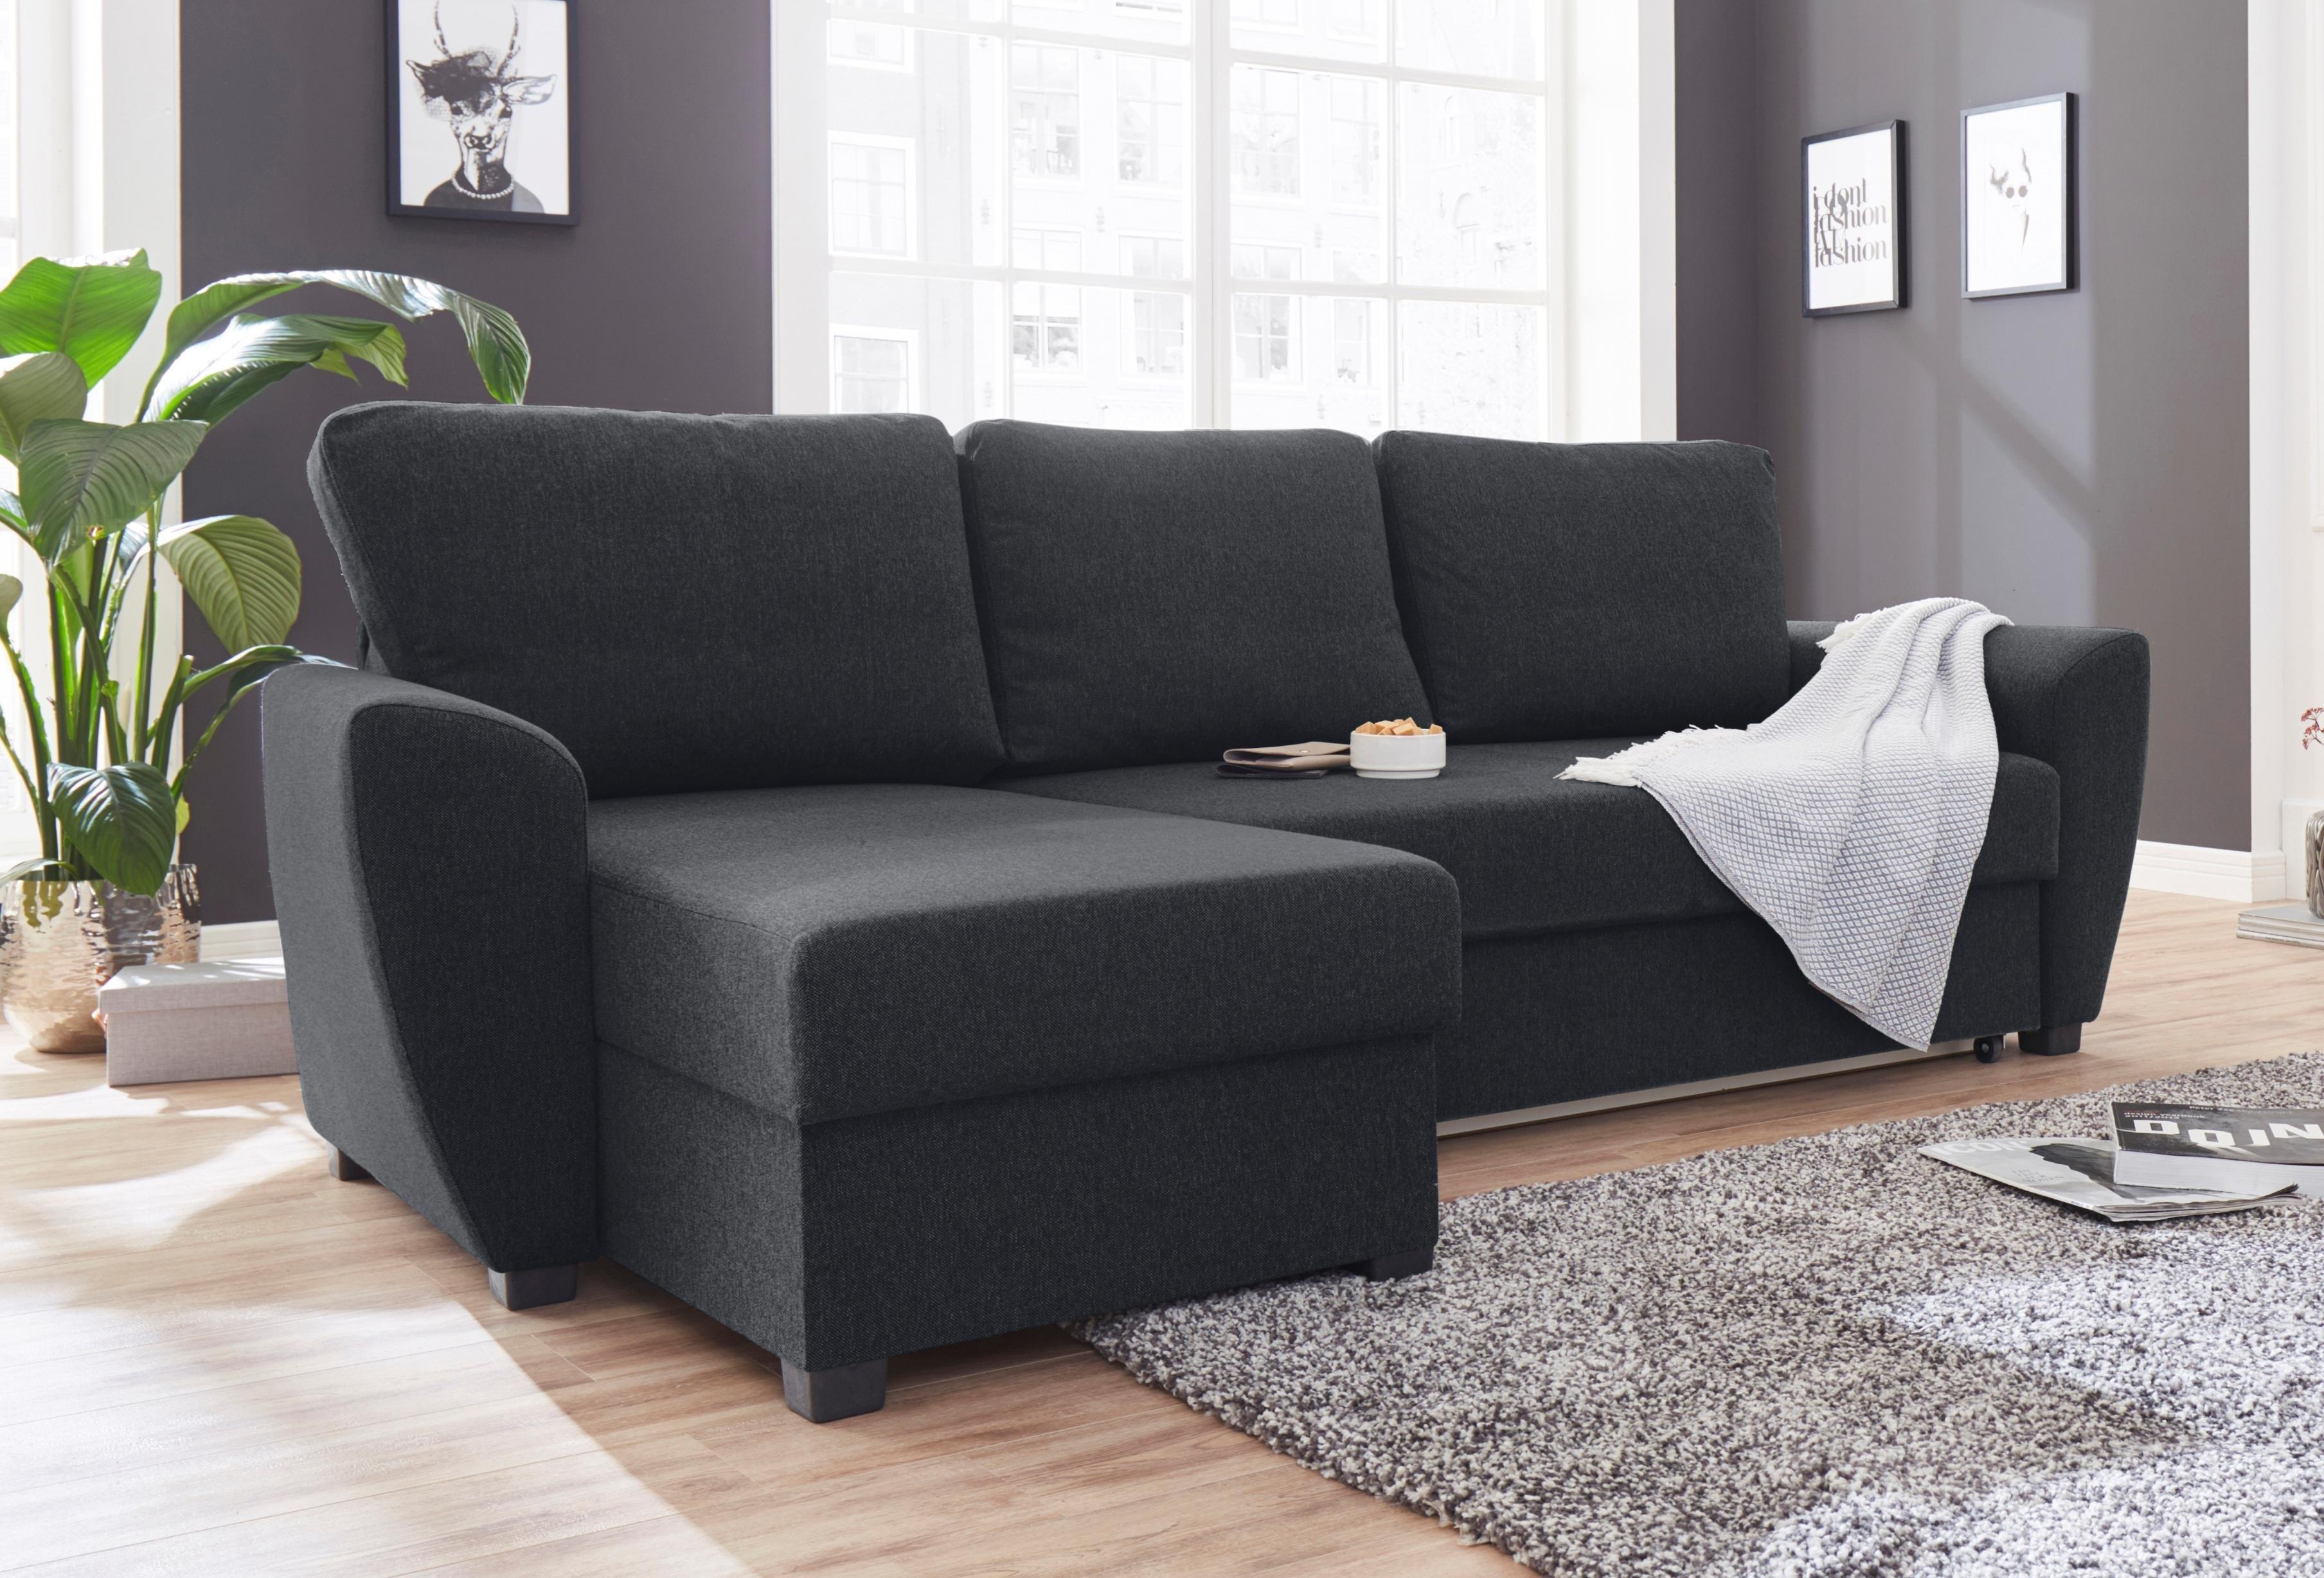 ATLANTIC home collection hoekbank inclusief bedfunctie en bedkist - gratis ruilen op otto.nl